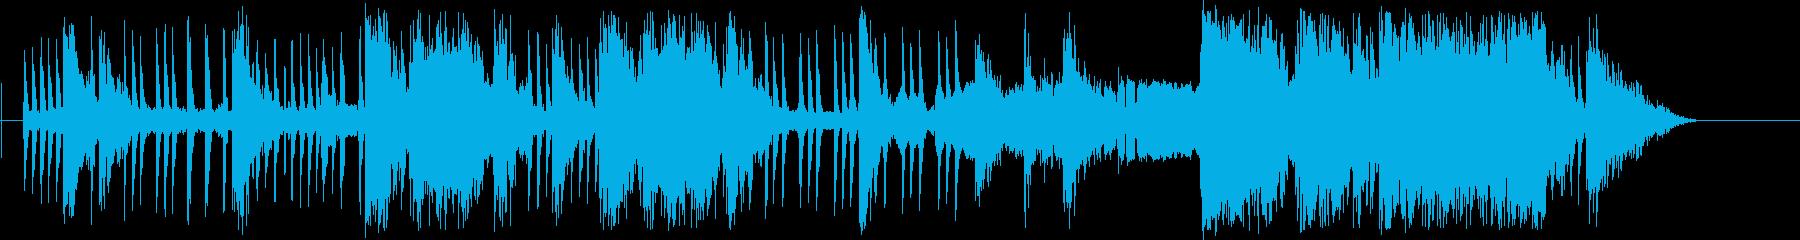 イースタードラムとフォアマンの再生済みの波形